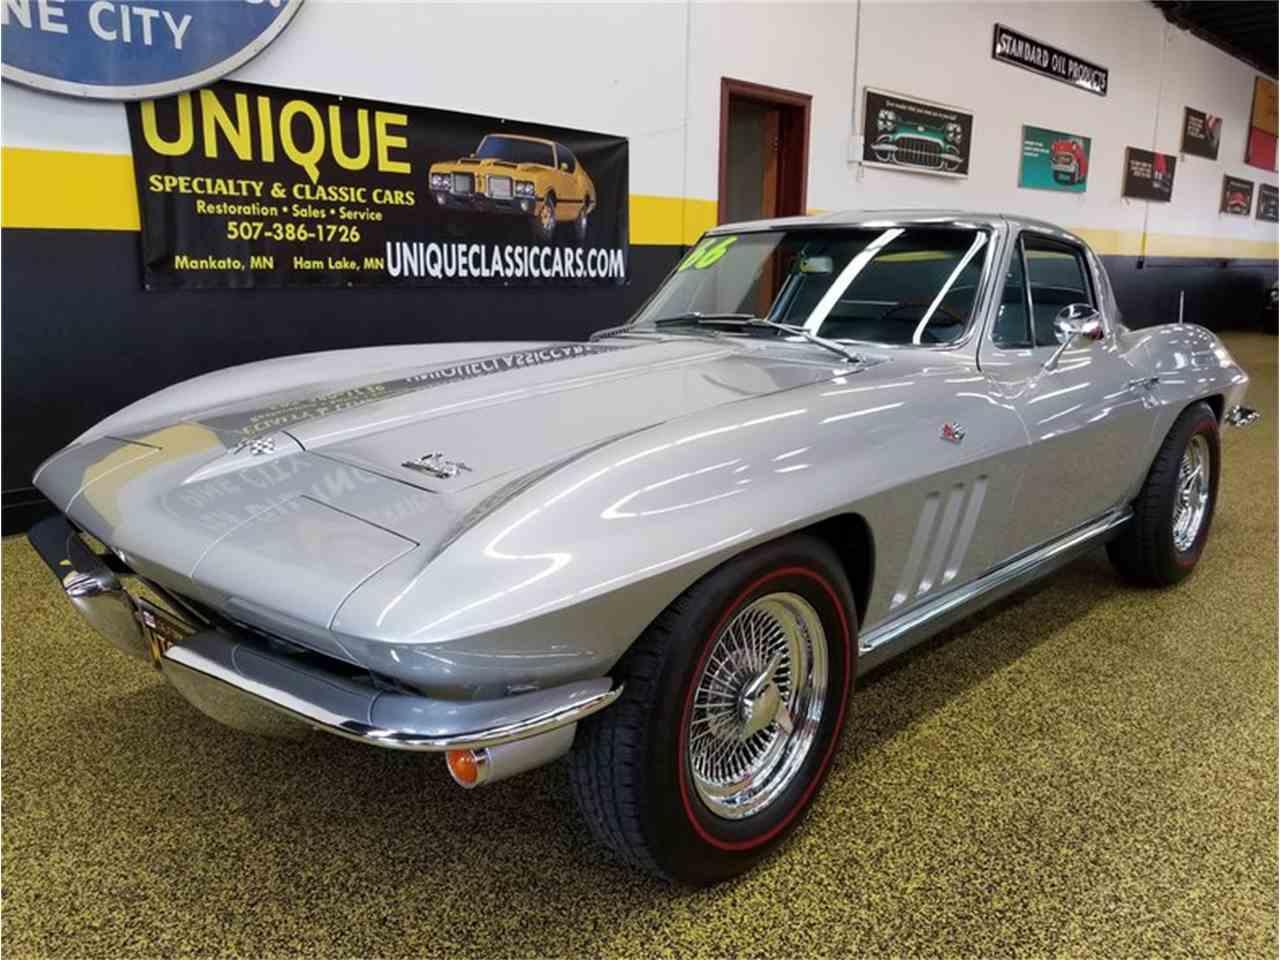 1966 Chevrolet Corvette Coupe for Sale | ClassicCars.com | CC-1036506